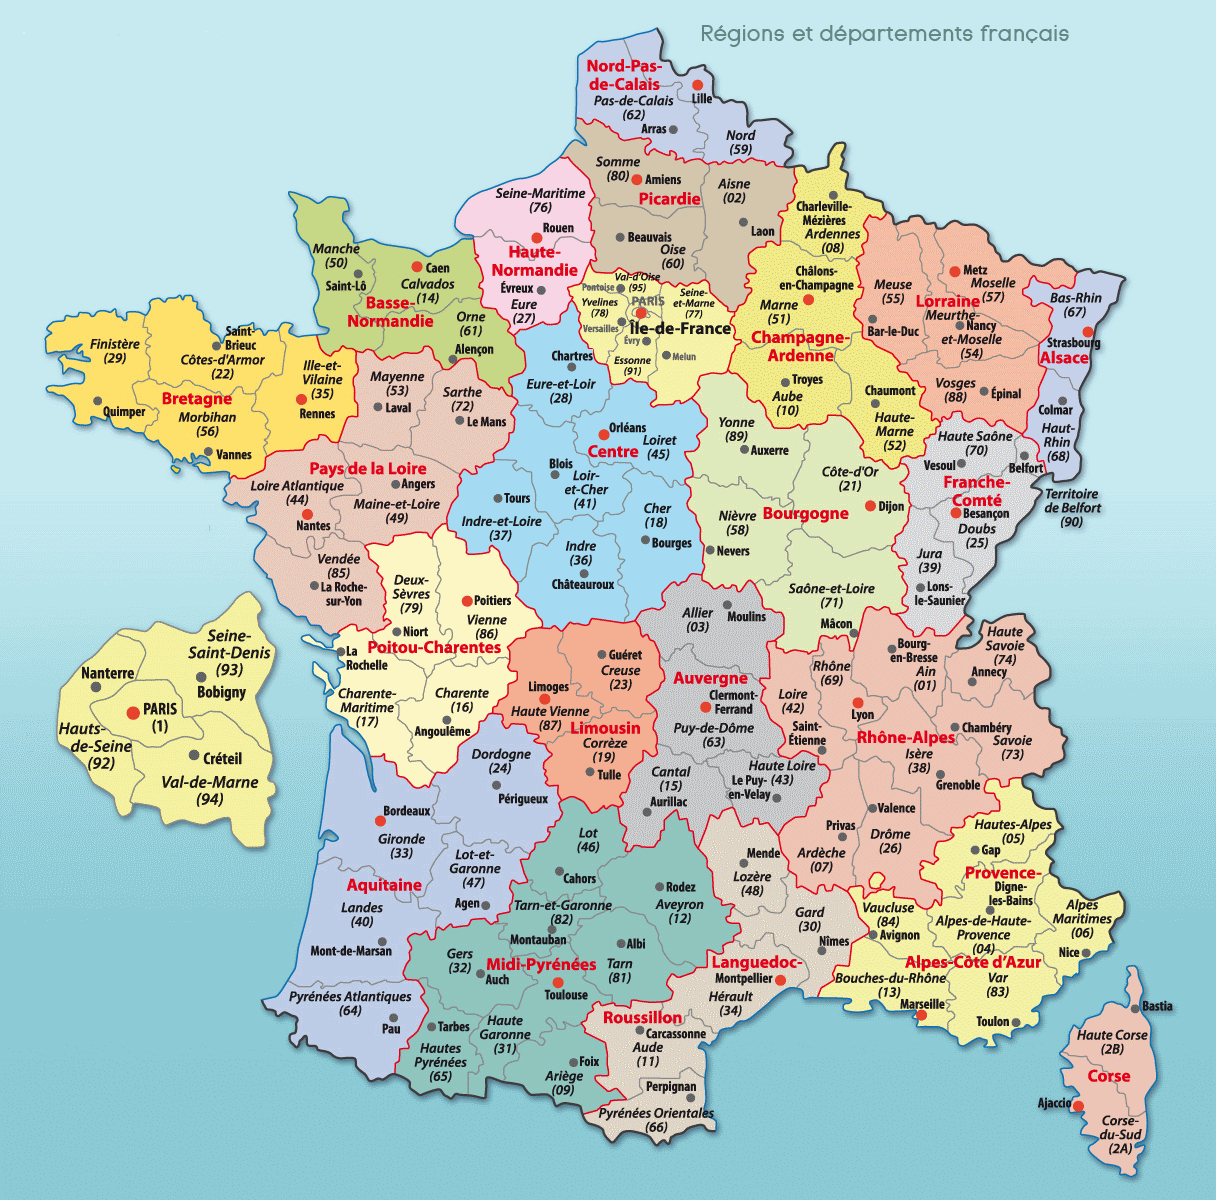 Cartes De France : Cartes Des Régions, Départements Et concernant Departement Francais Carte